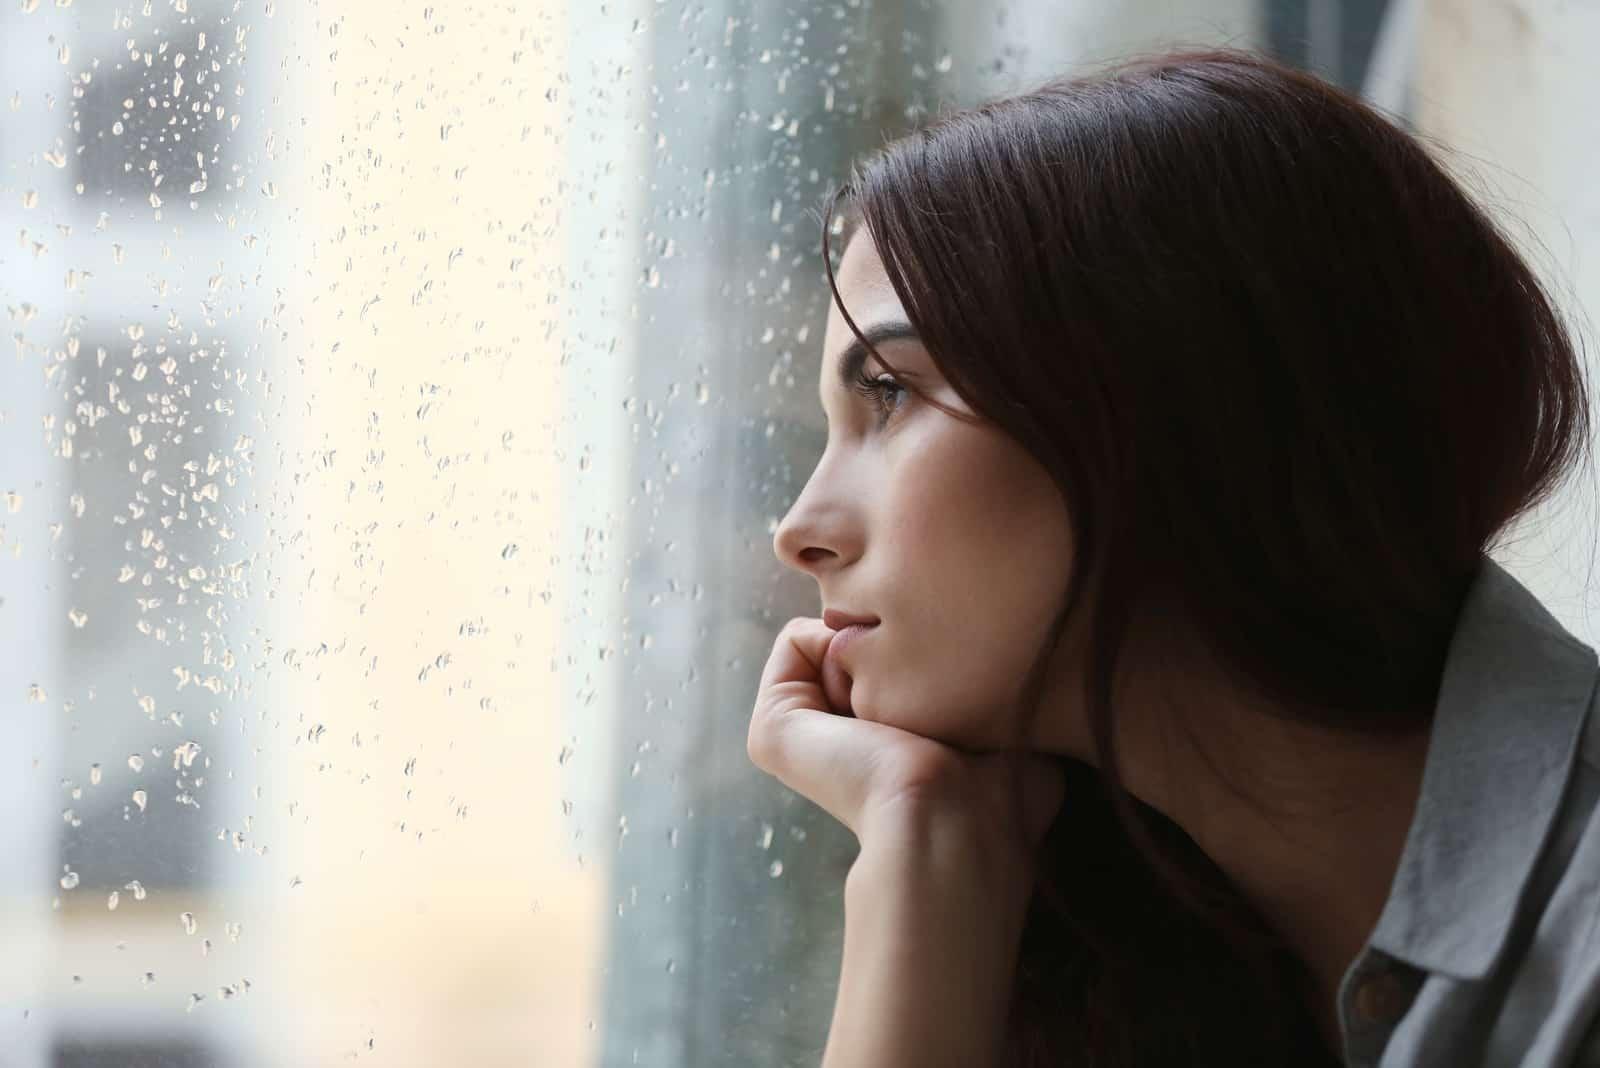 une femme imaginaire aux longs cheveux noirs regarde par la fenêtre